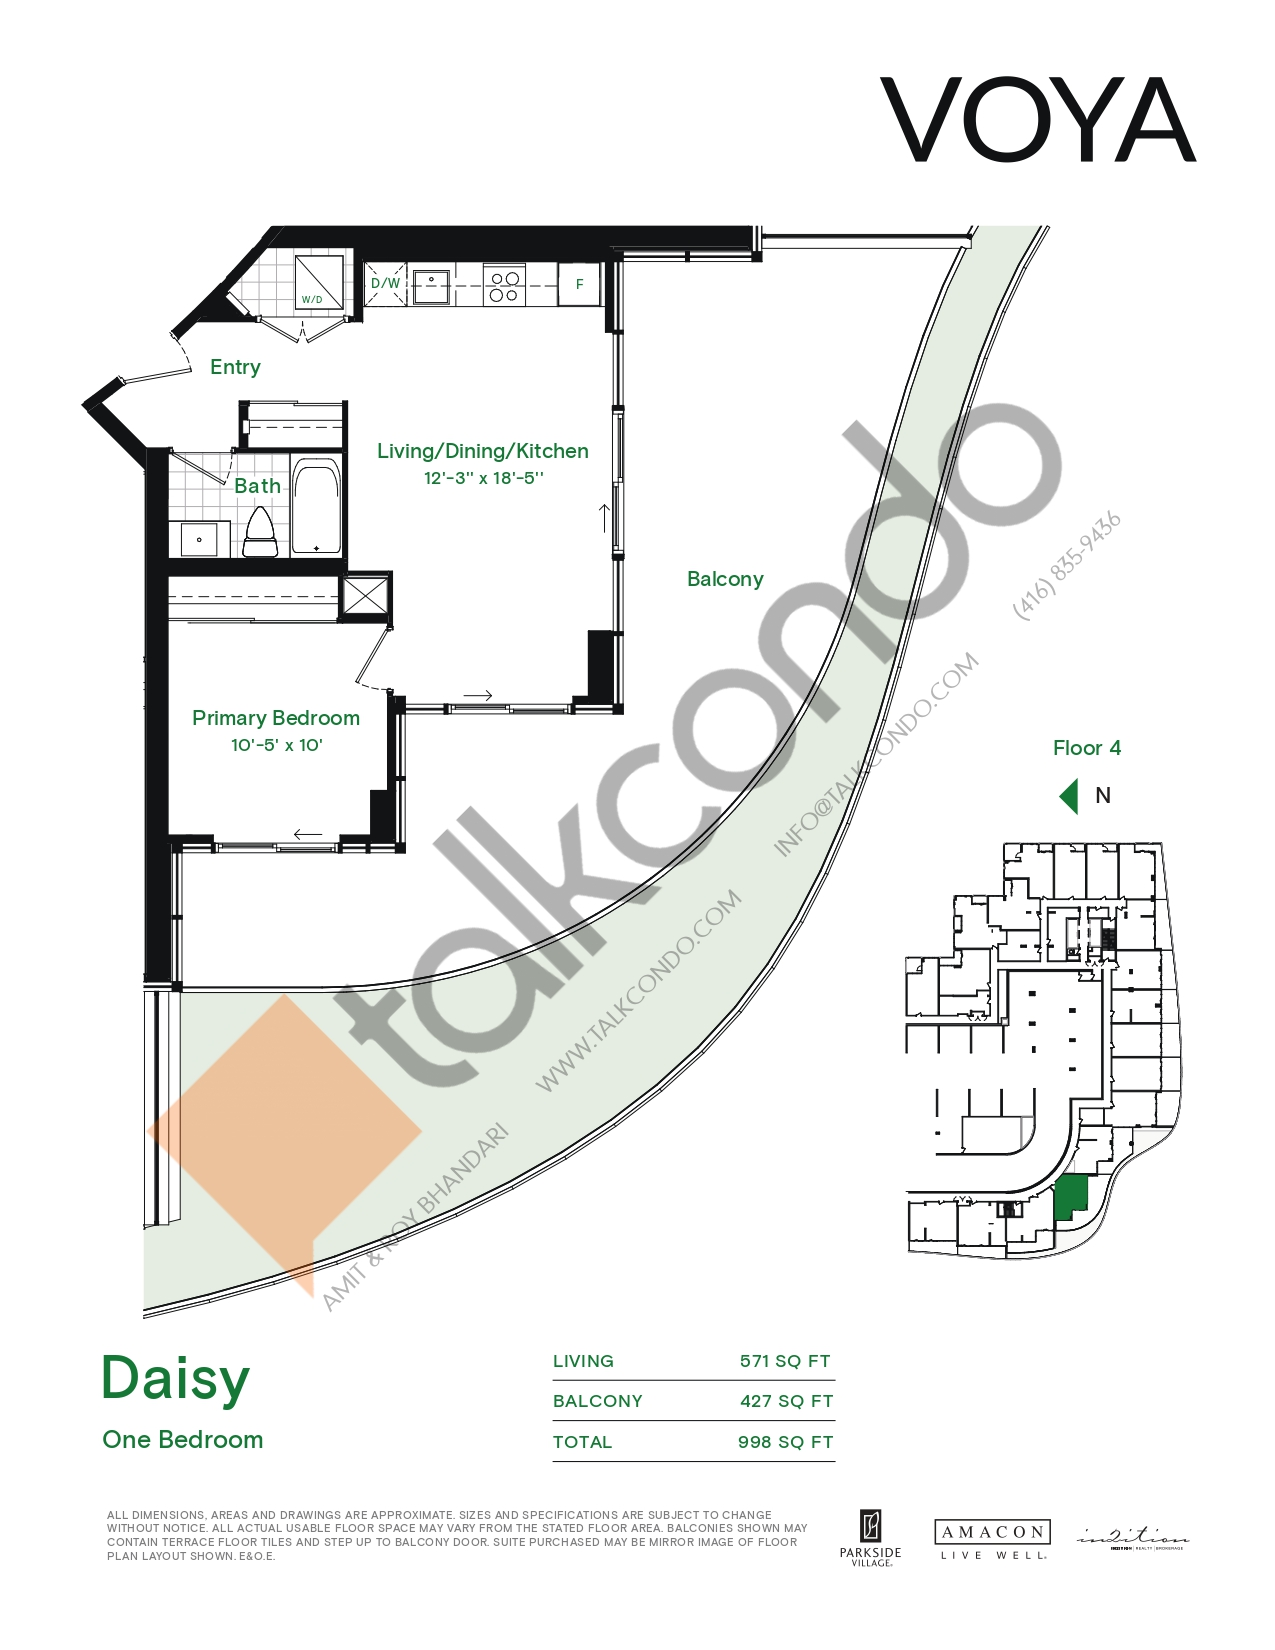 Daisy (Podium) Floor Plan at Voya at Parkside Village Condos - 571 sq.ft